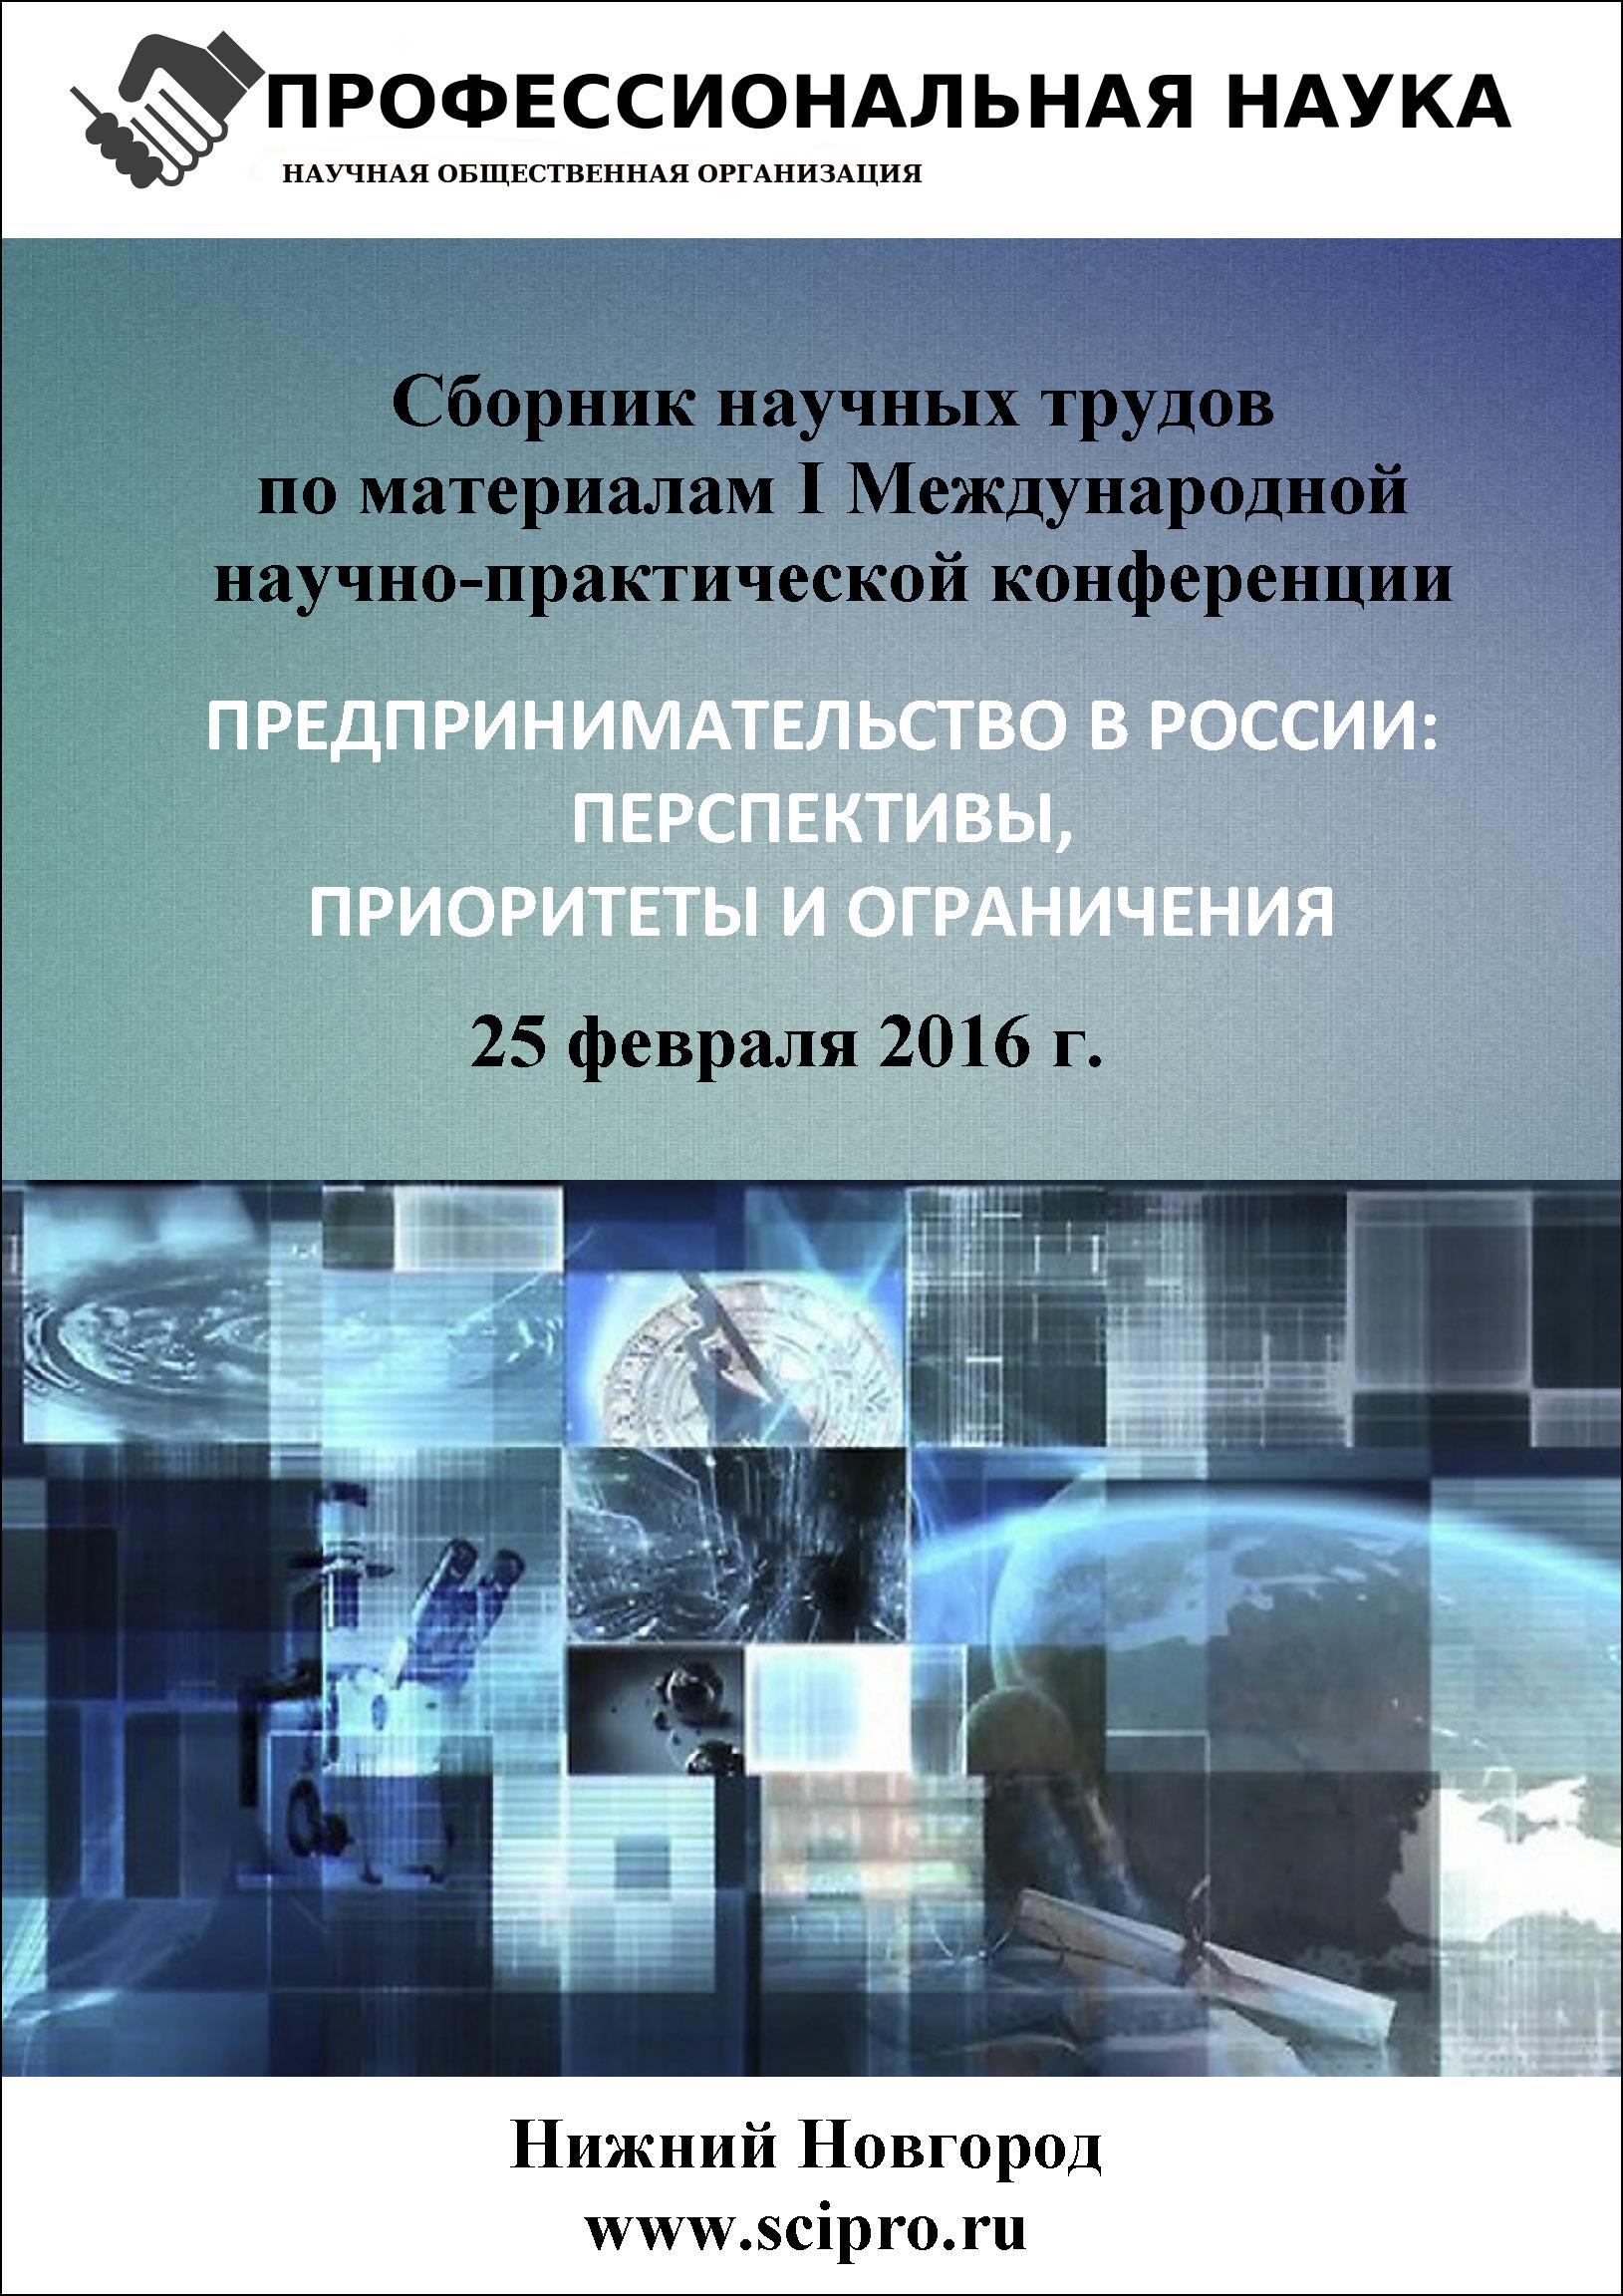 """Международная научно-практическая конференция """"Предпринимательство в России: перспективы, приоритеты и ограничения"""""""